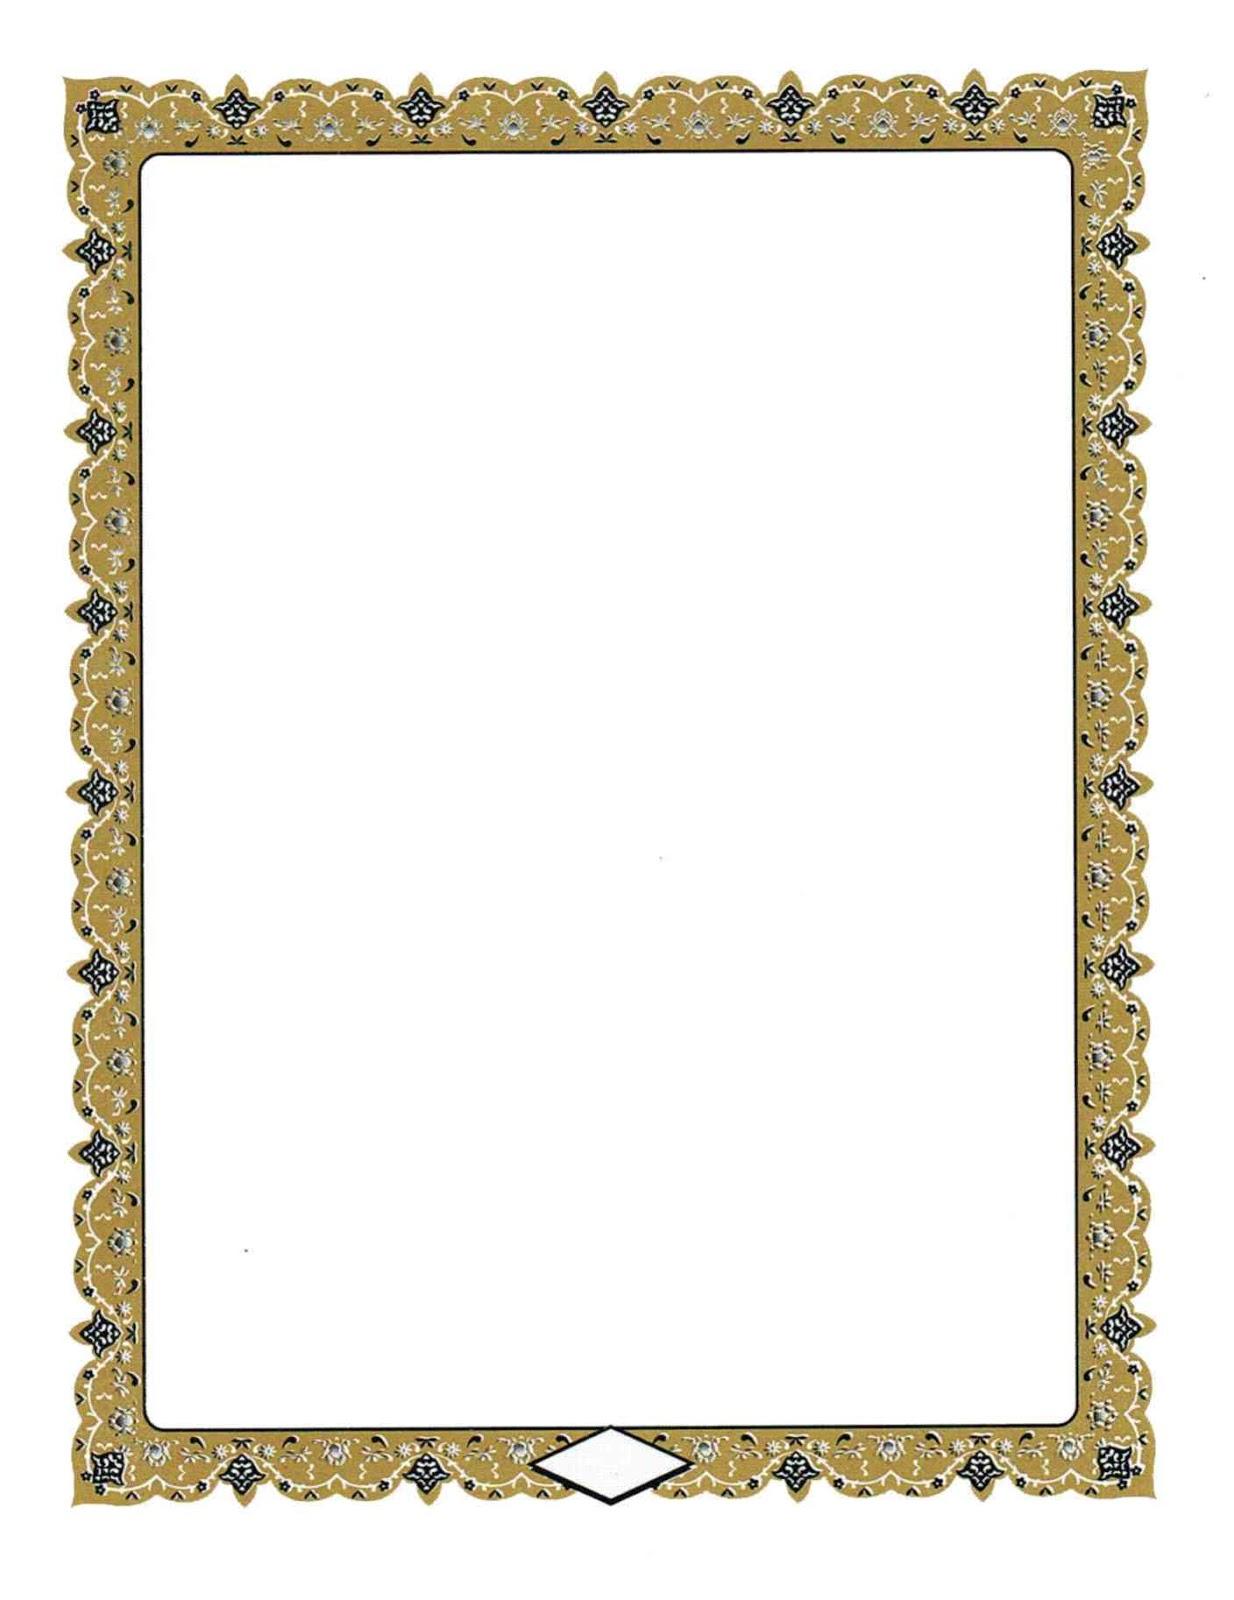 gambar kumpulan bingkai sertifikat format cdr oman air hd